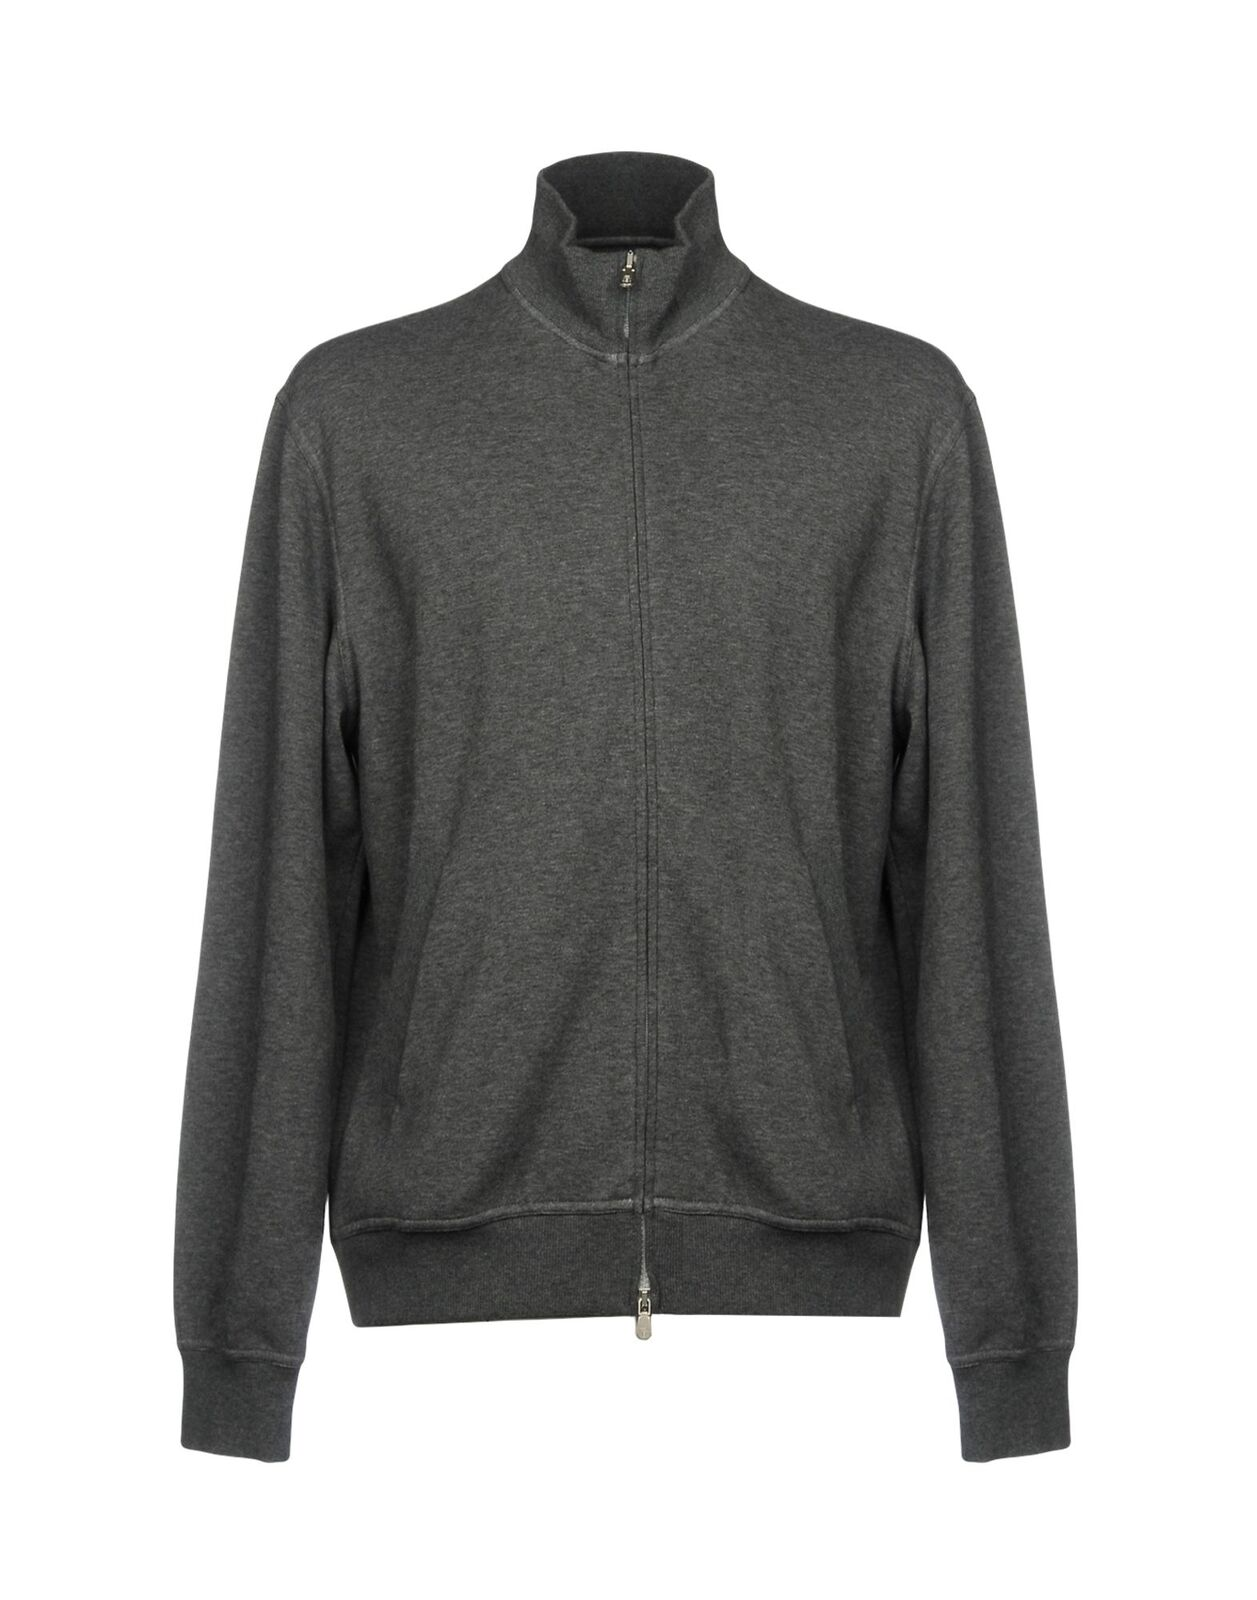 Brunello Cucinelli grau Cotton Zip Up Sweatshirt sweater NEW Größe XL w logo zip